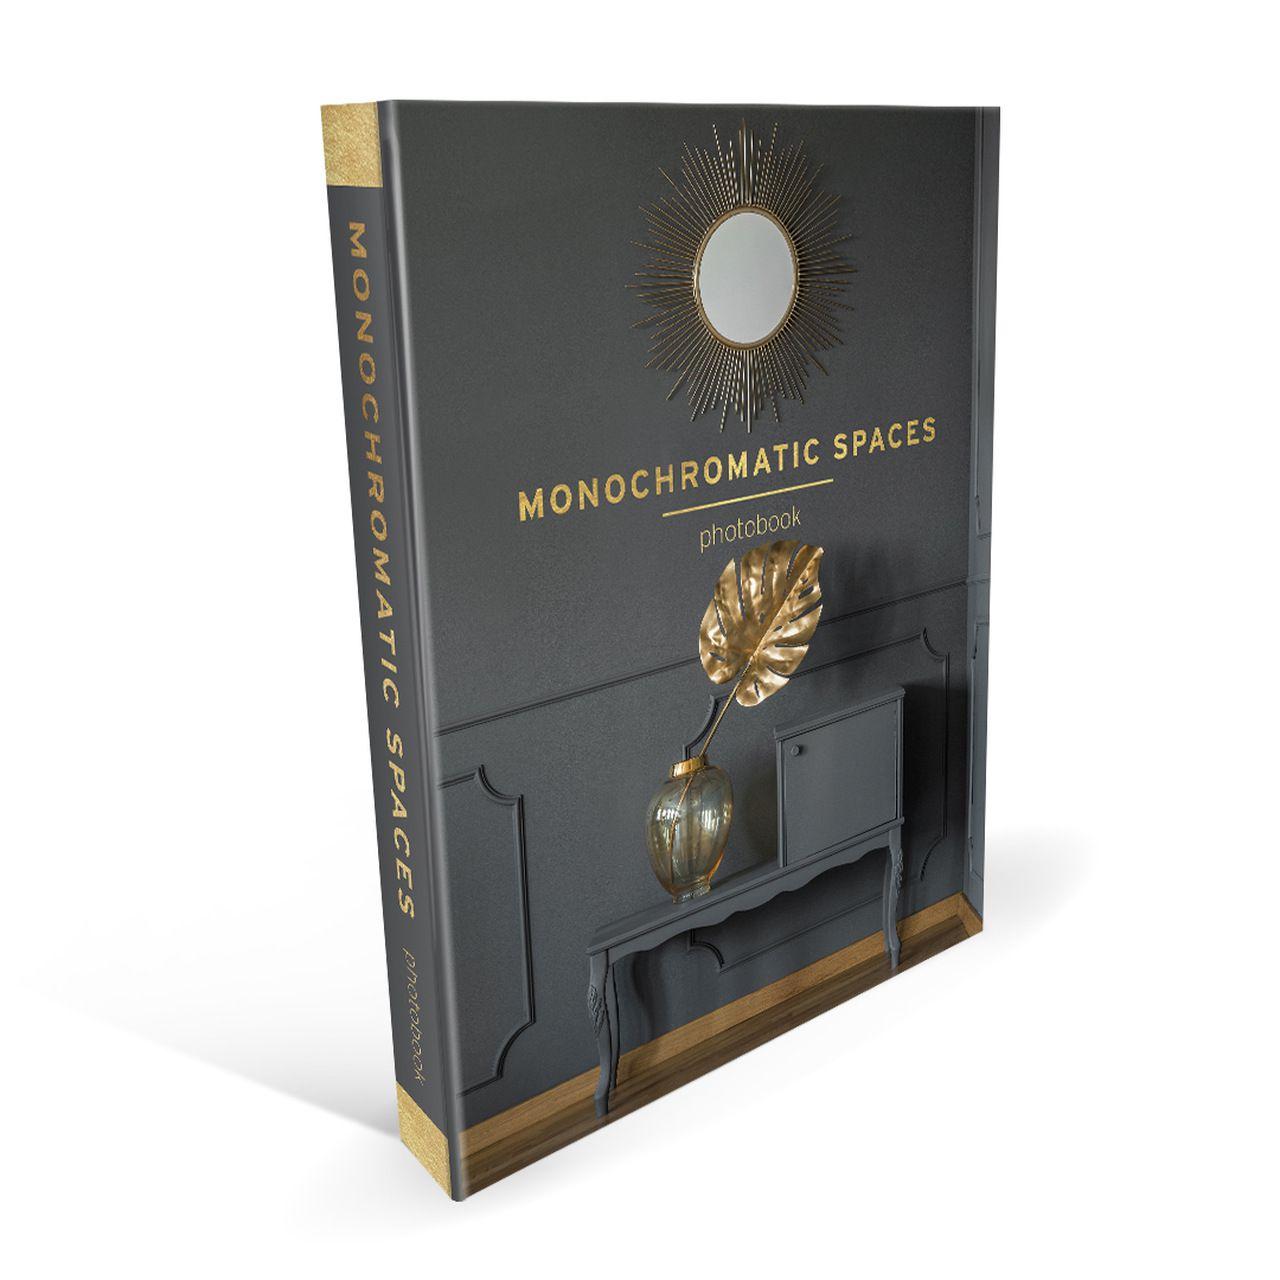 Caixa Livro Monochromatic Spaces